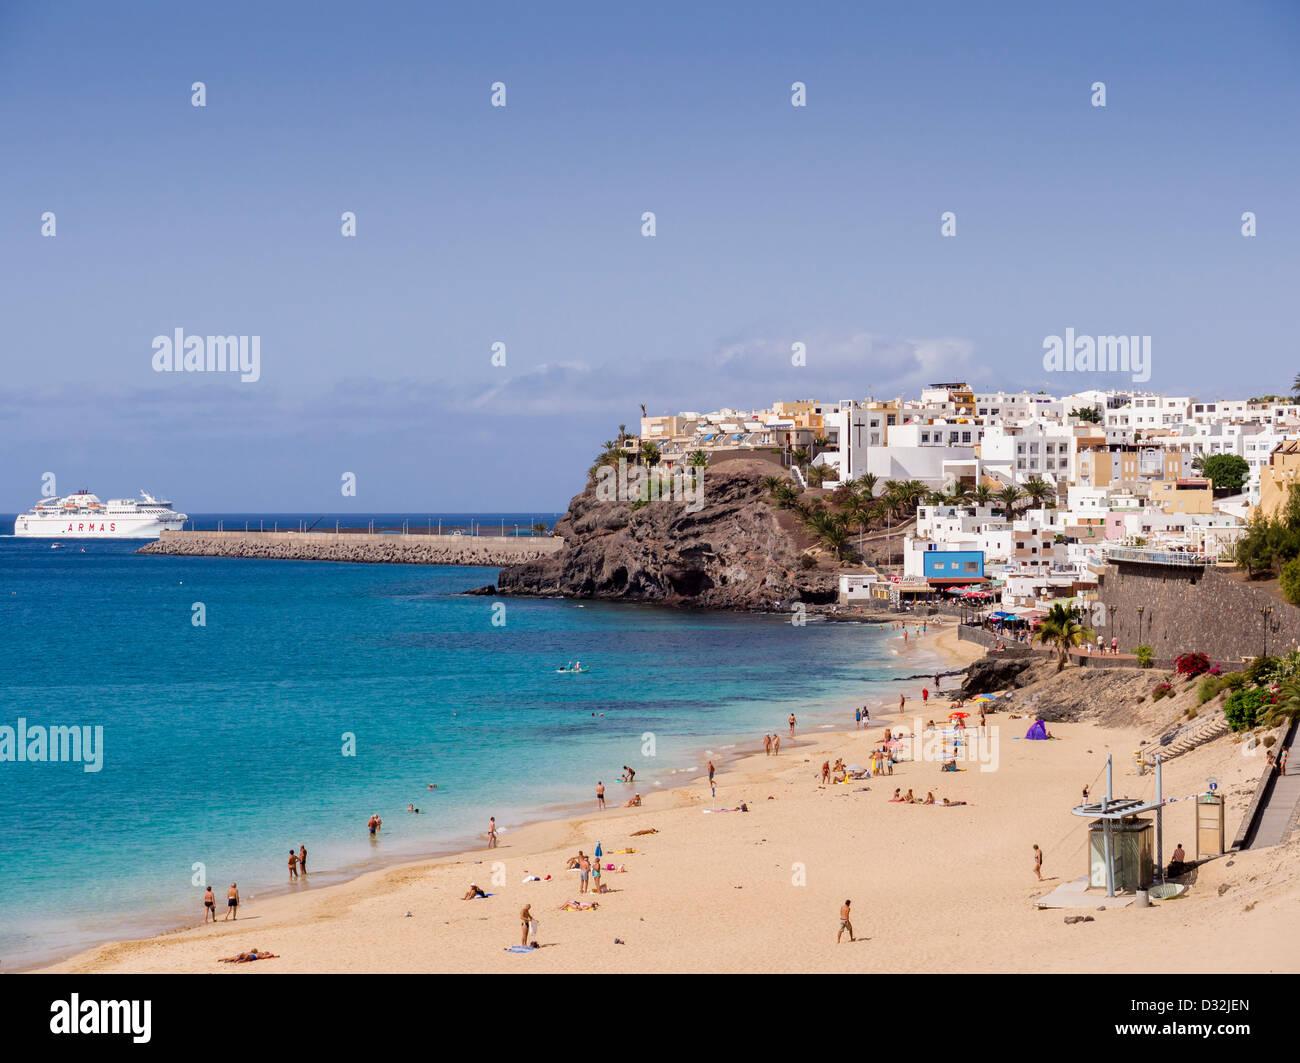 Eine Fähre kommt in den Hafen von Morro Jable, Fuerteventura, Kanarische Inseln. Stockbild